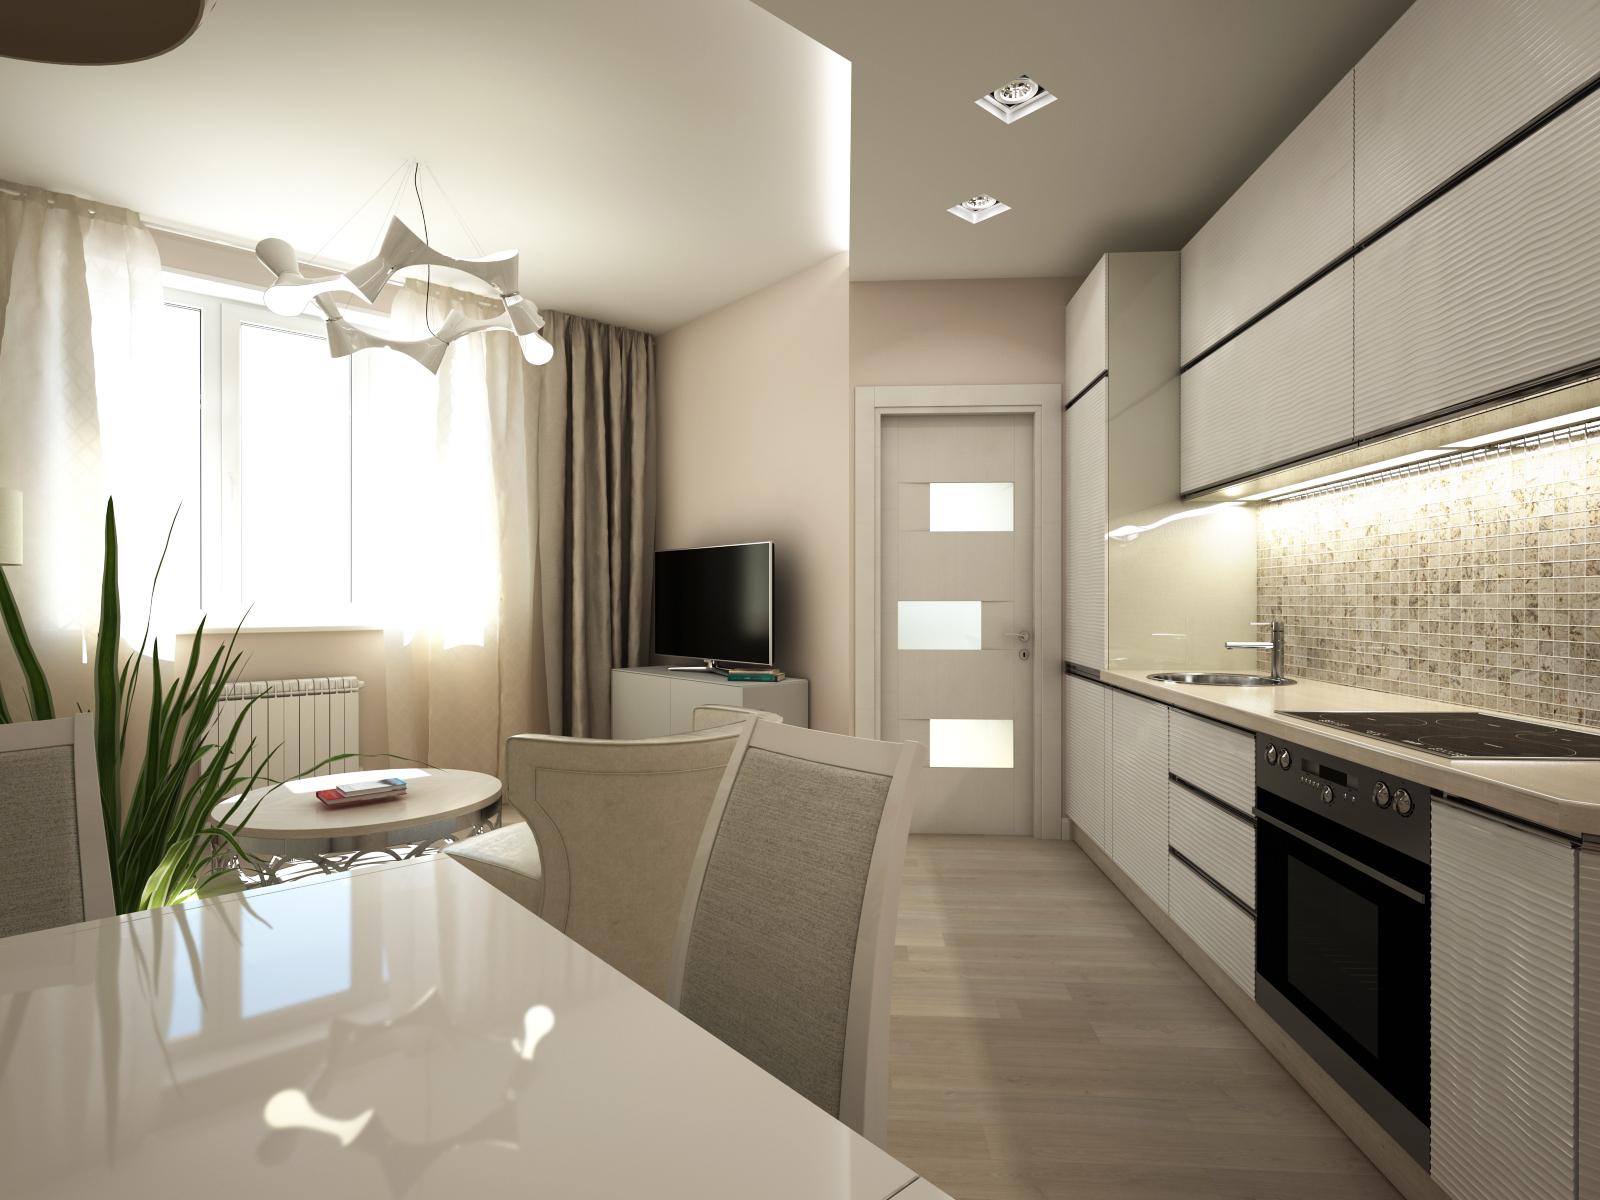 дизайн комнаты фото красивый